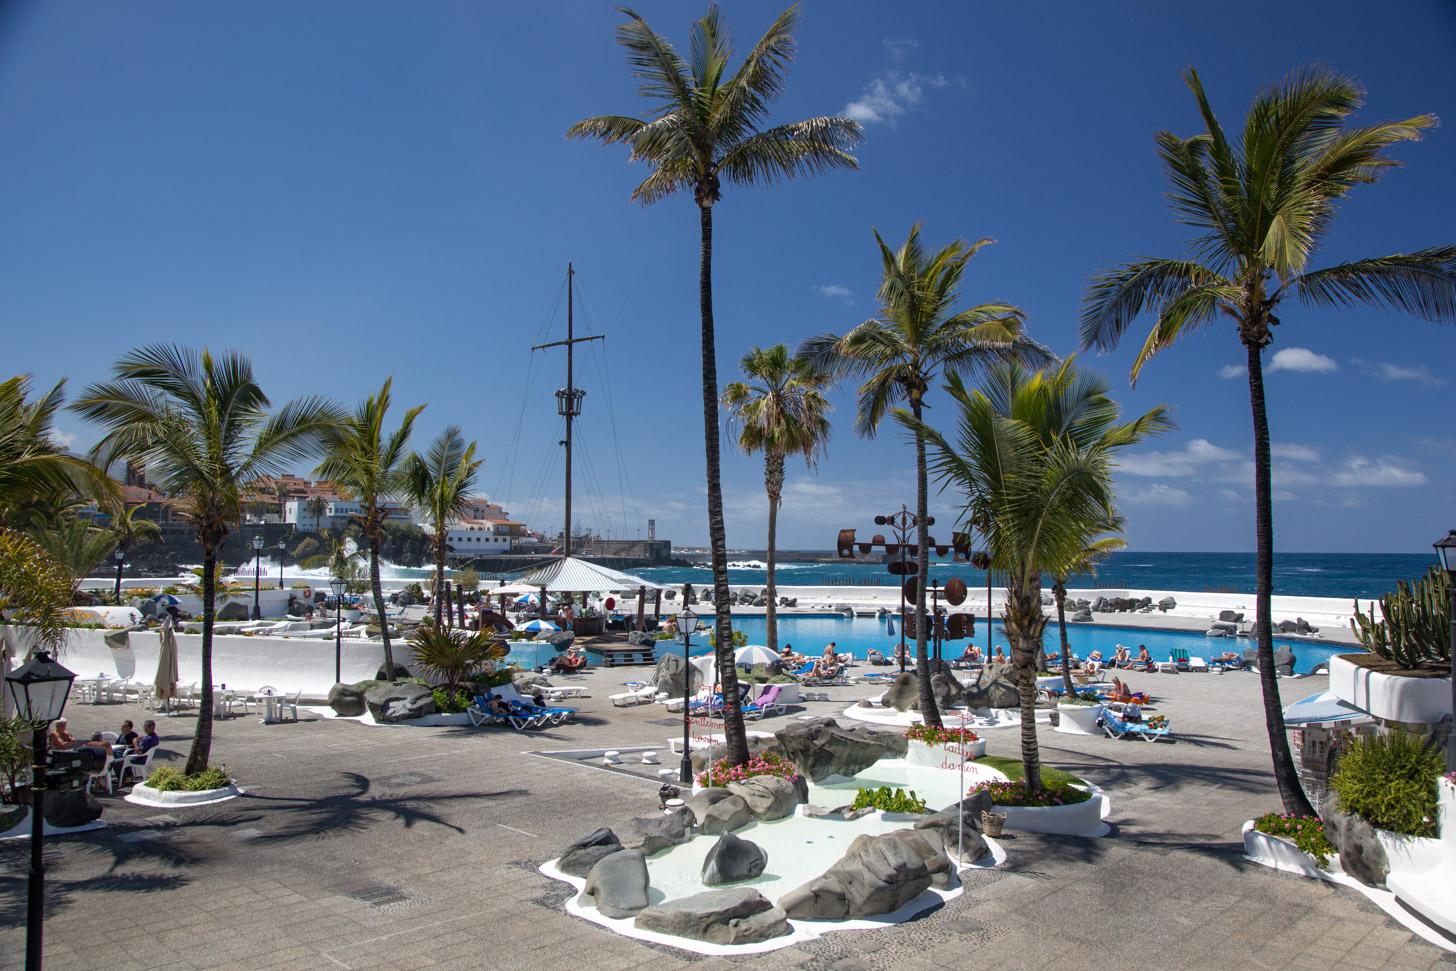 Heerlijk vakantie vieren op Tenerife